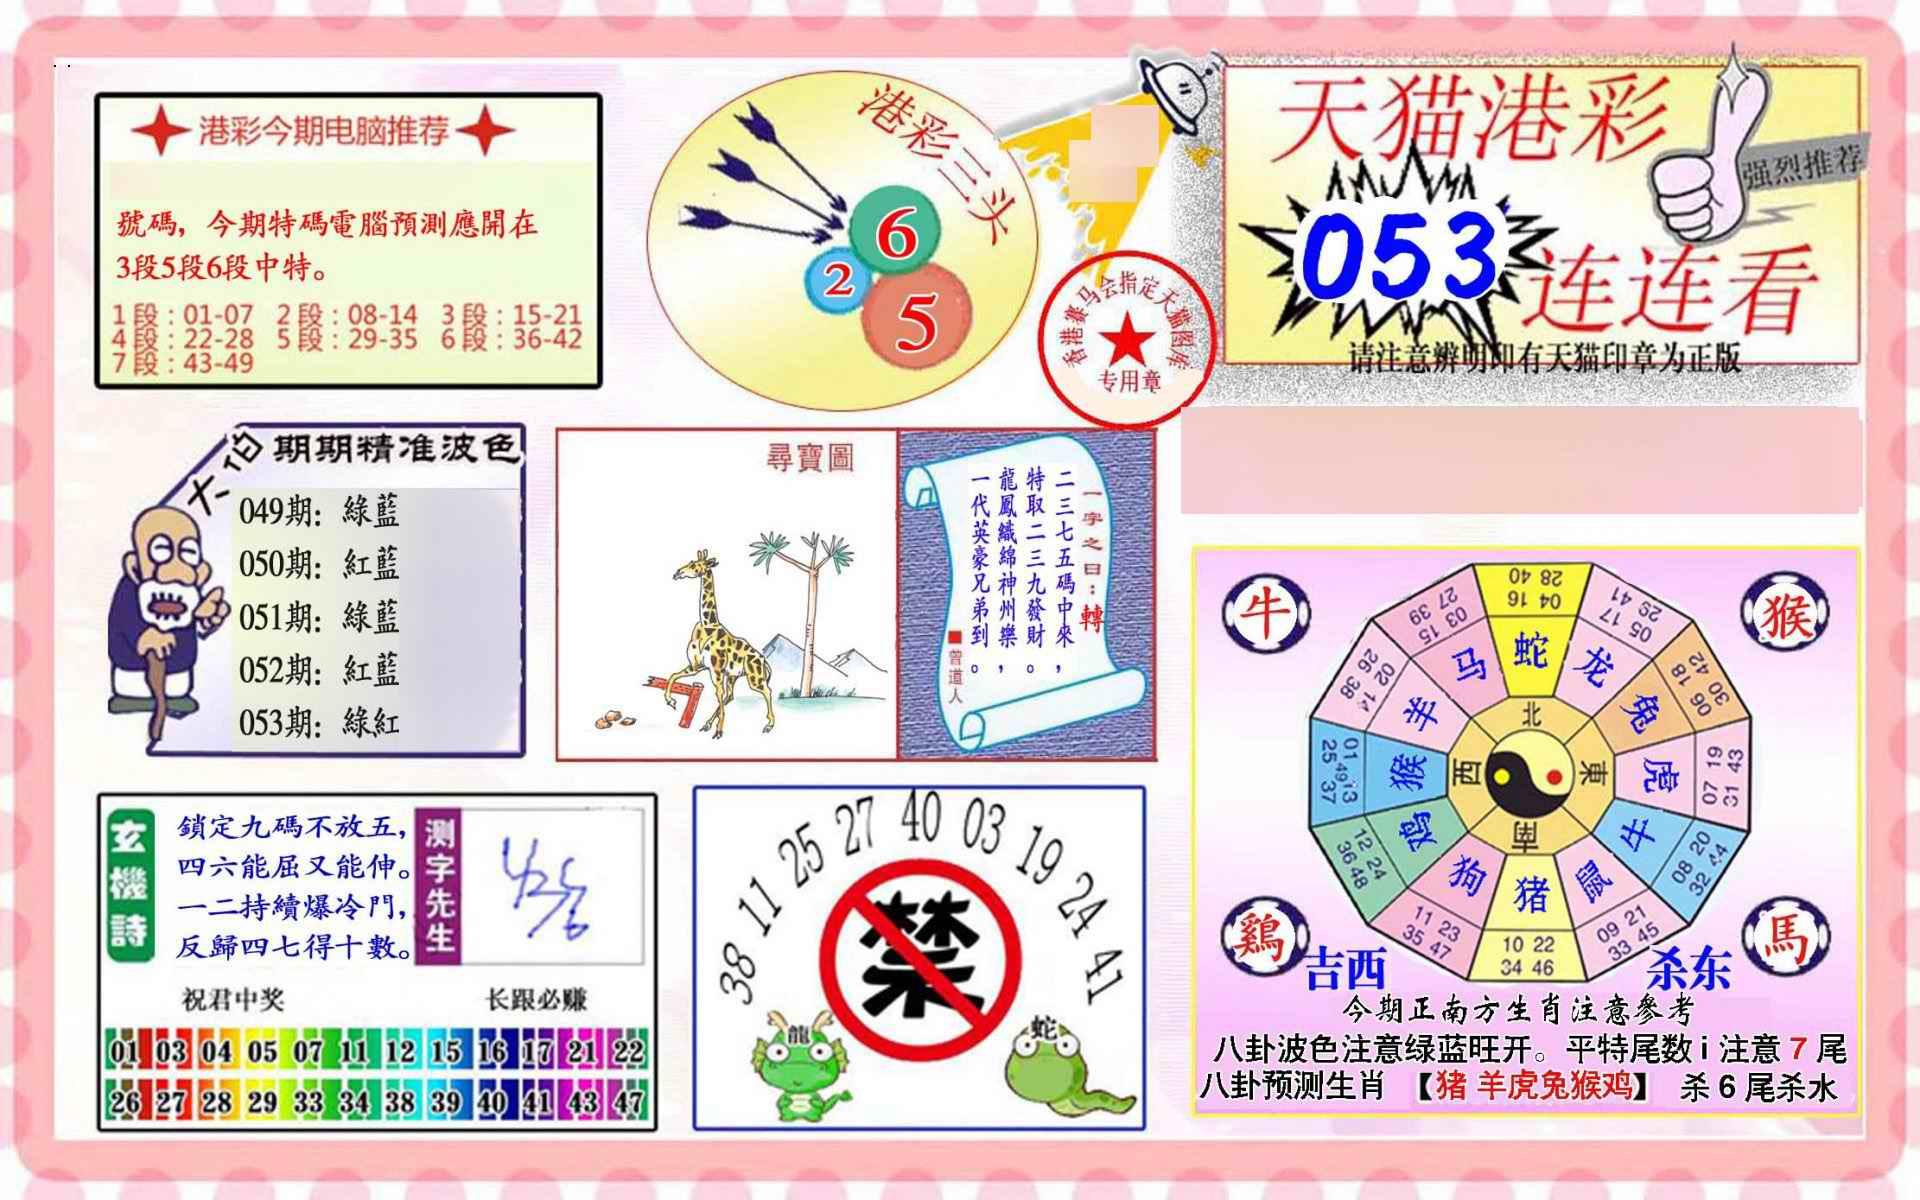 053期港彩连连中